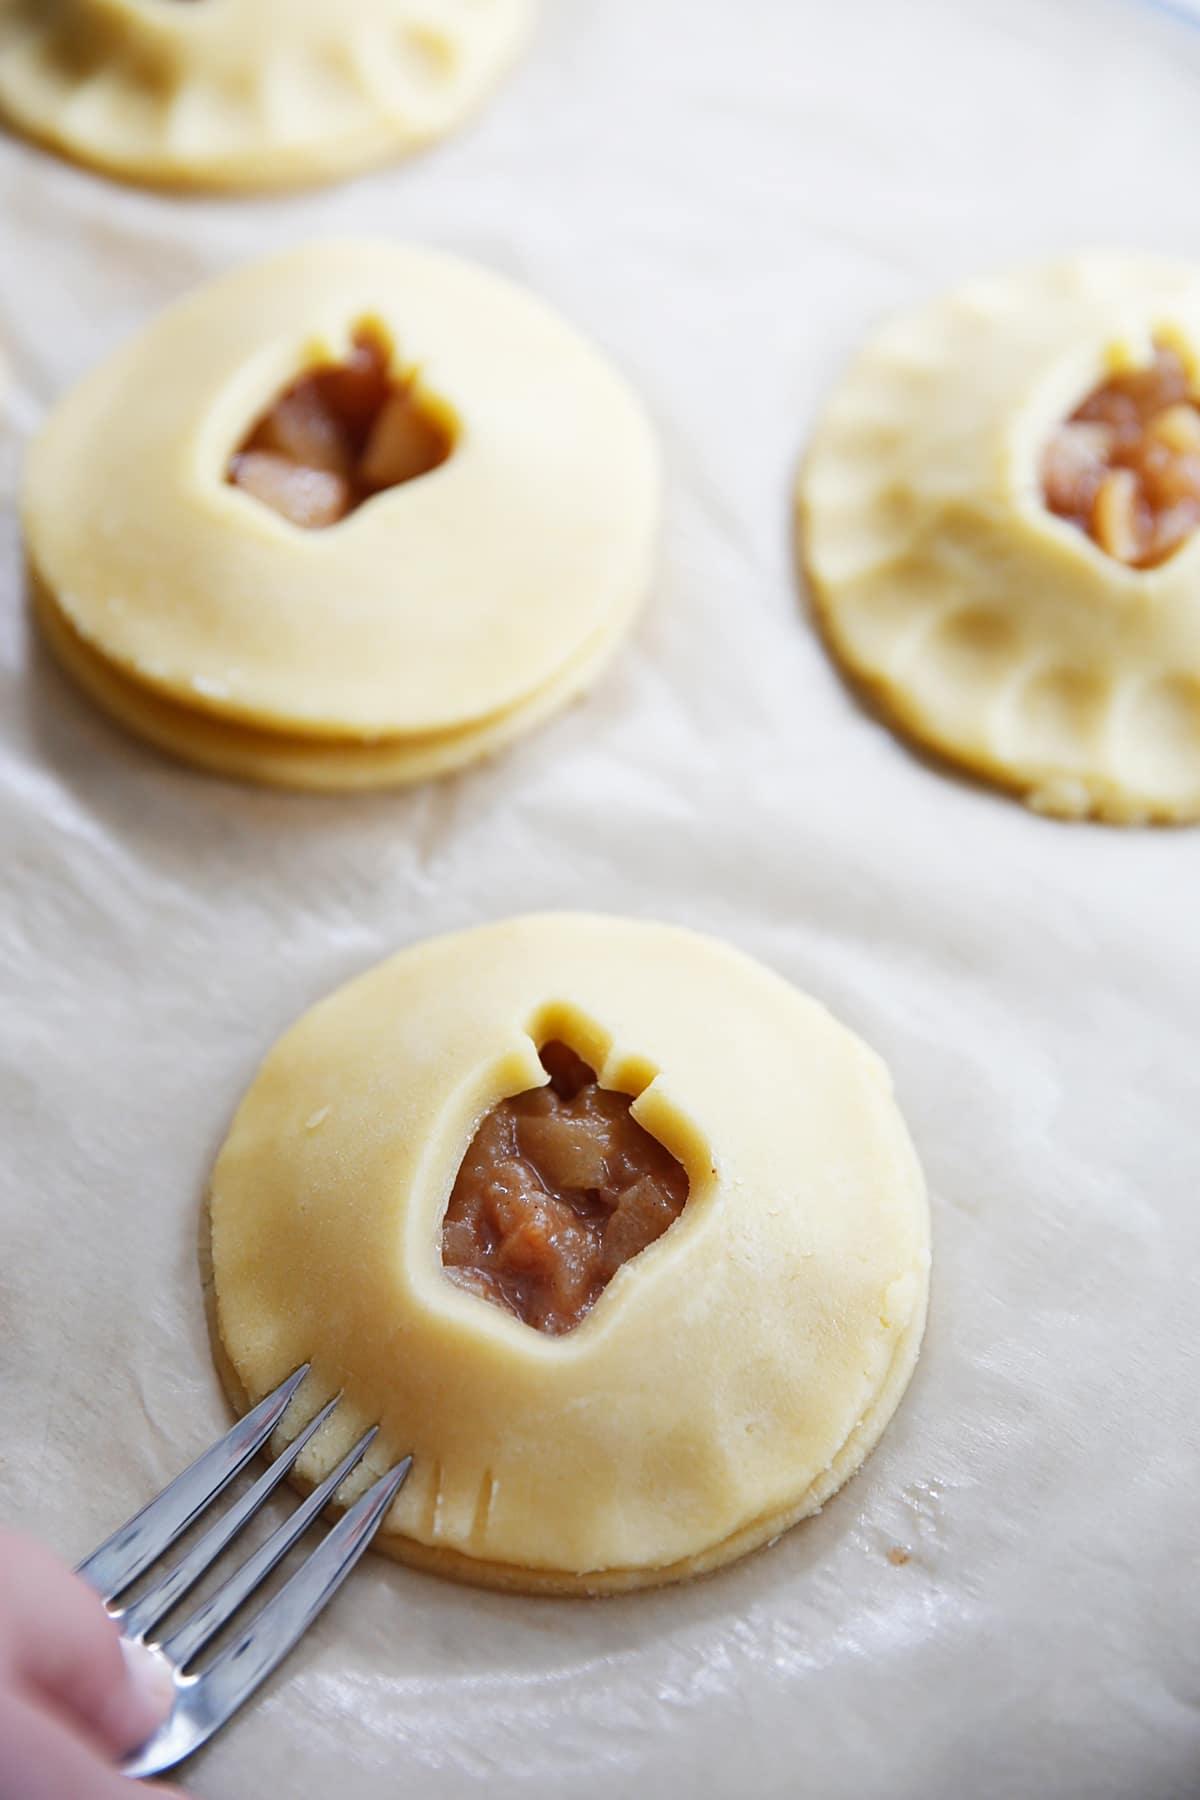 gluten-free apple filling